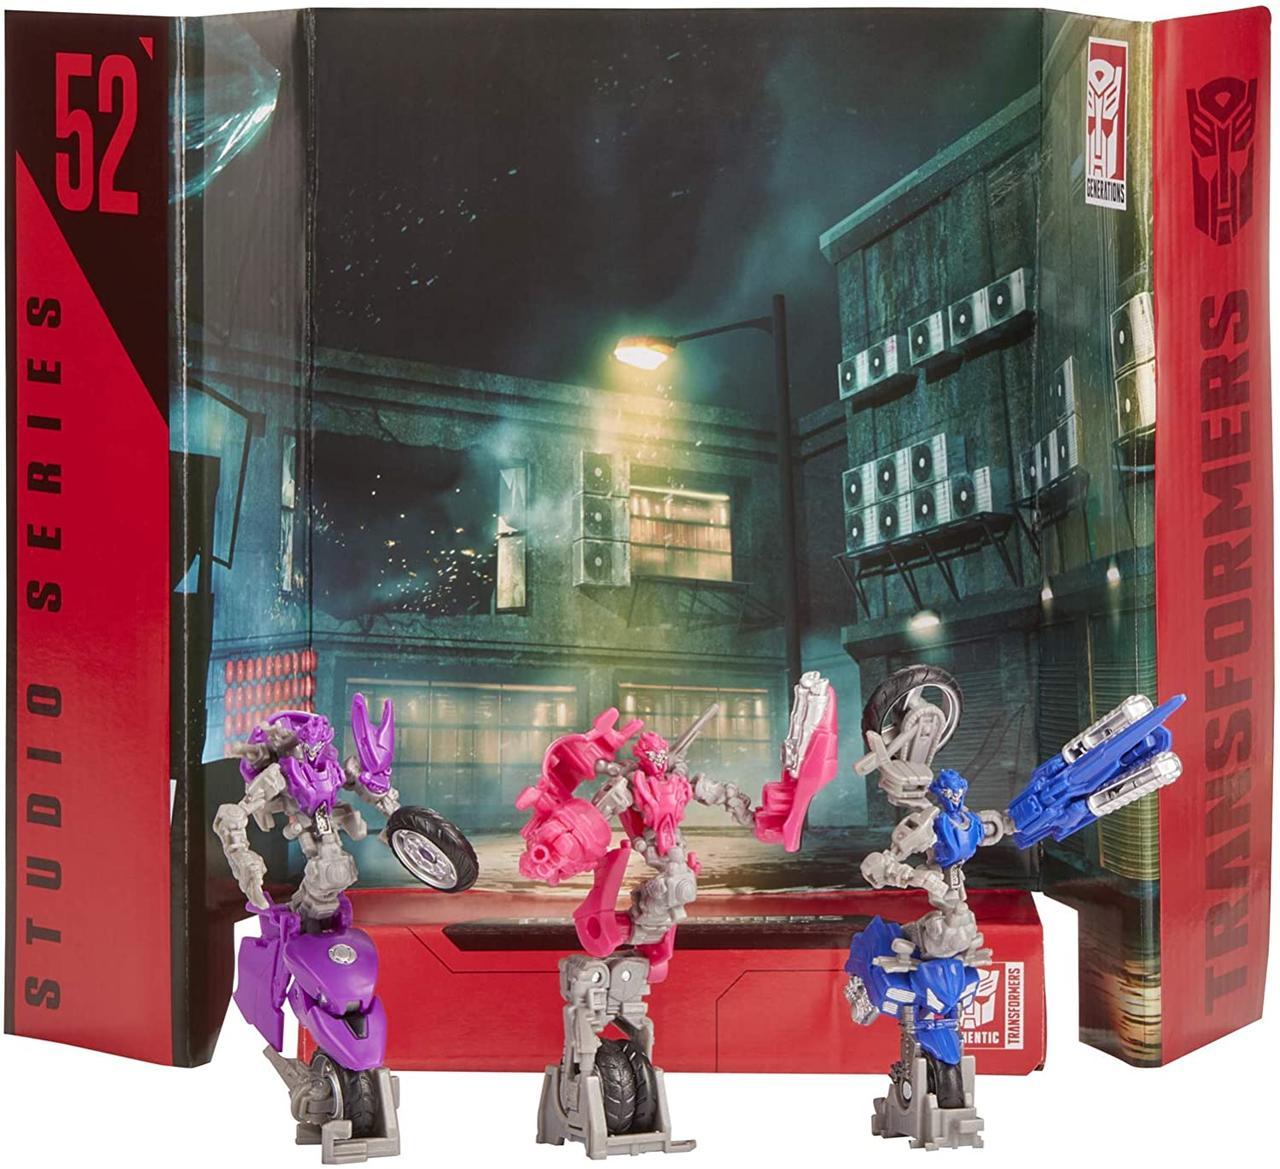 Трансформер Три Мотоцикла Арси Хромия Элита-1 Transformers Studio Series 52  Arcee Chromia Elita-1